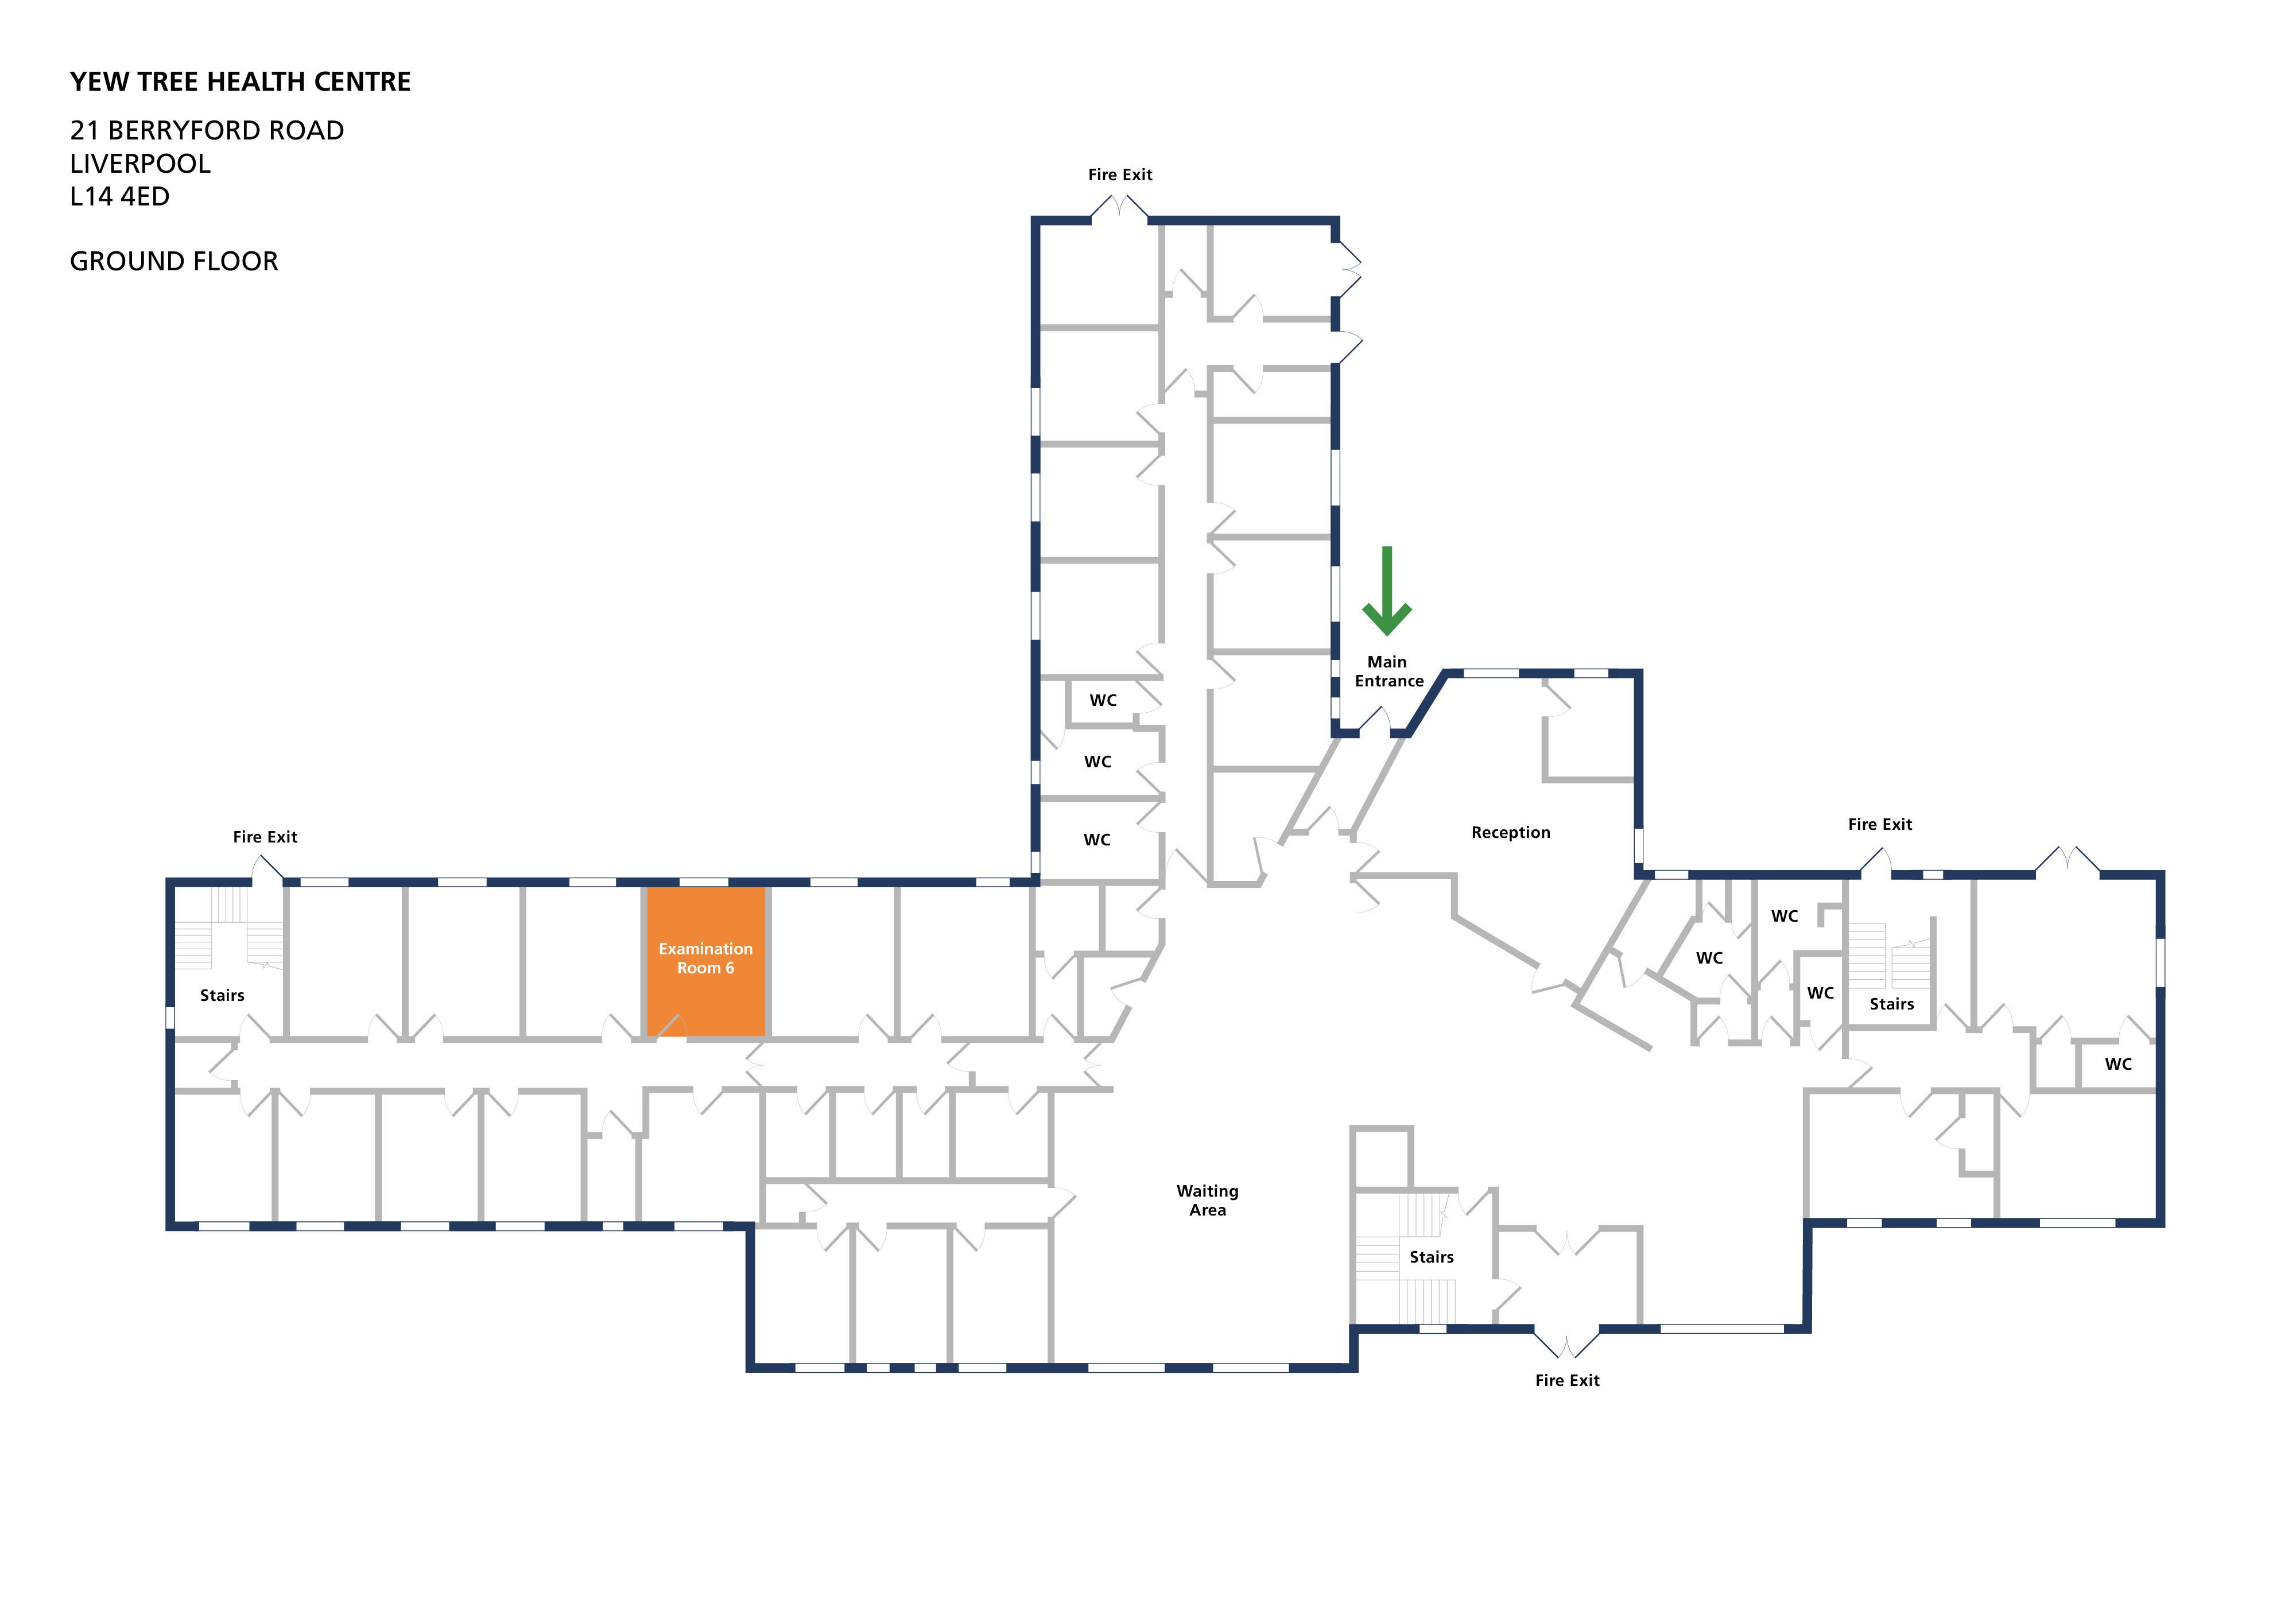 Yew tree health centre room examination room 6 v1